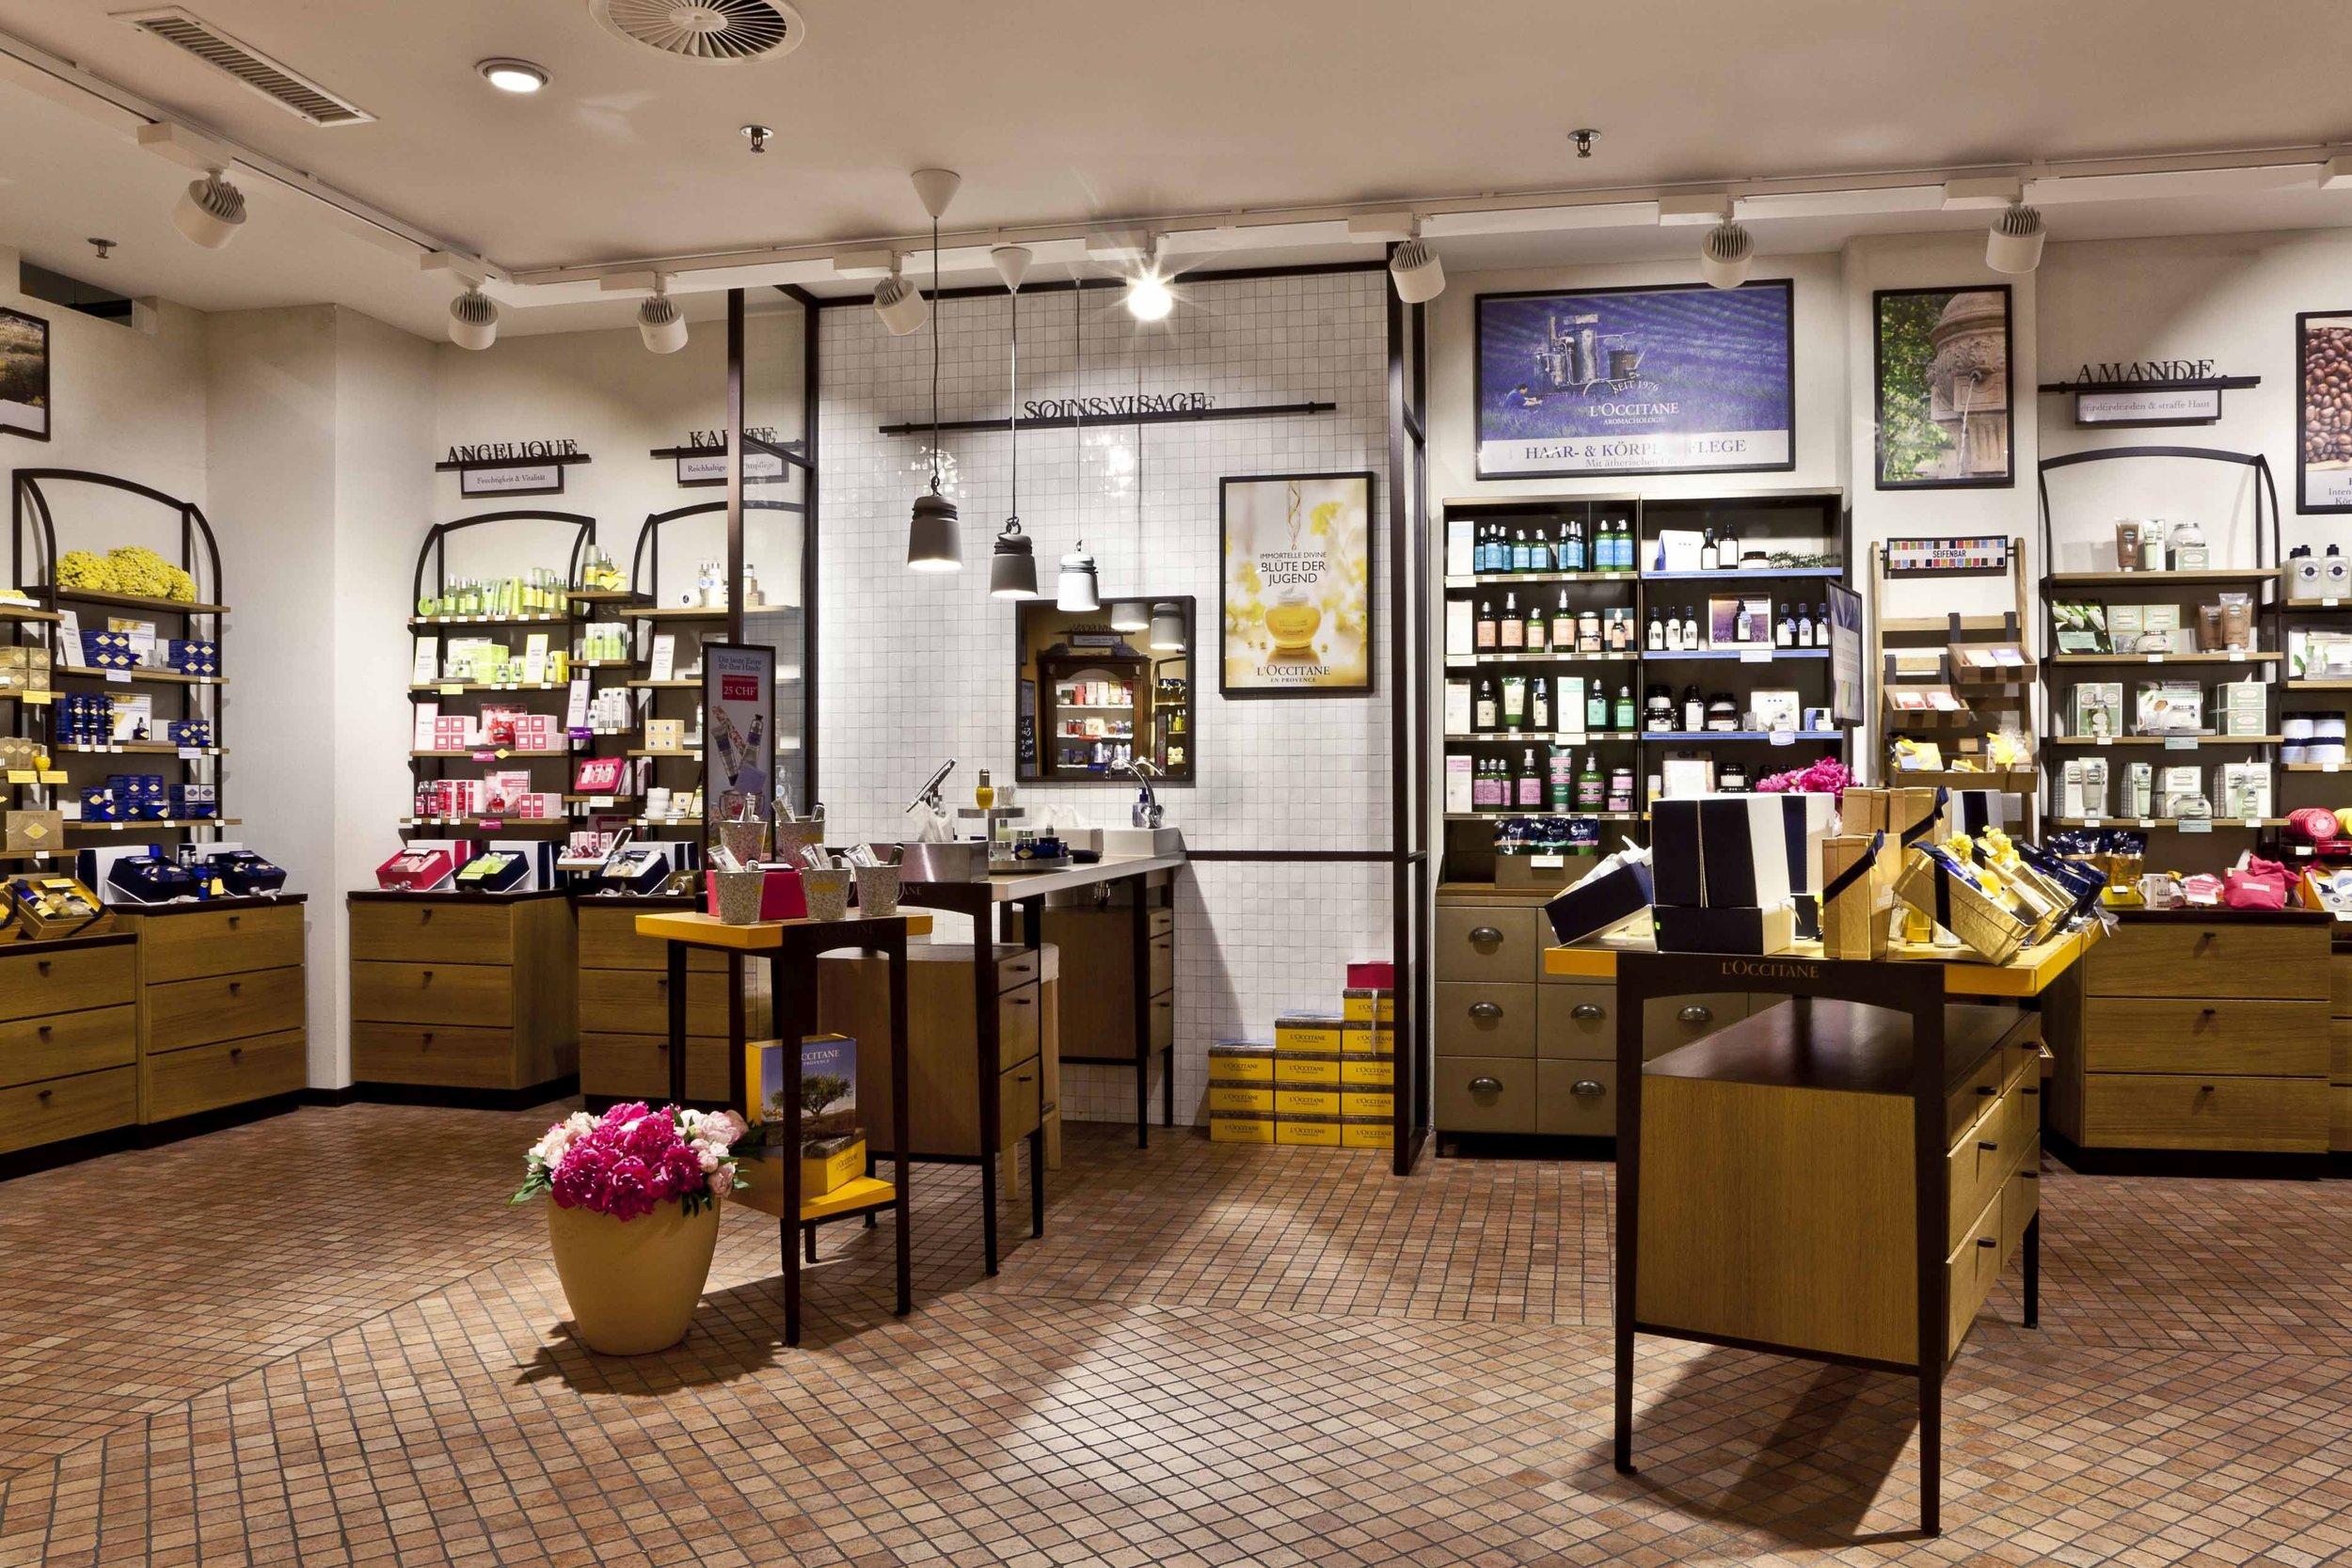 L'occitane - Alle butikker i Oslo og Akershus